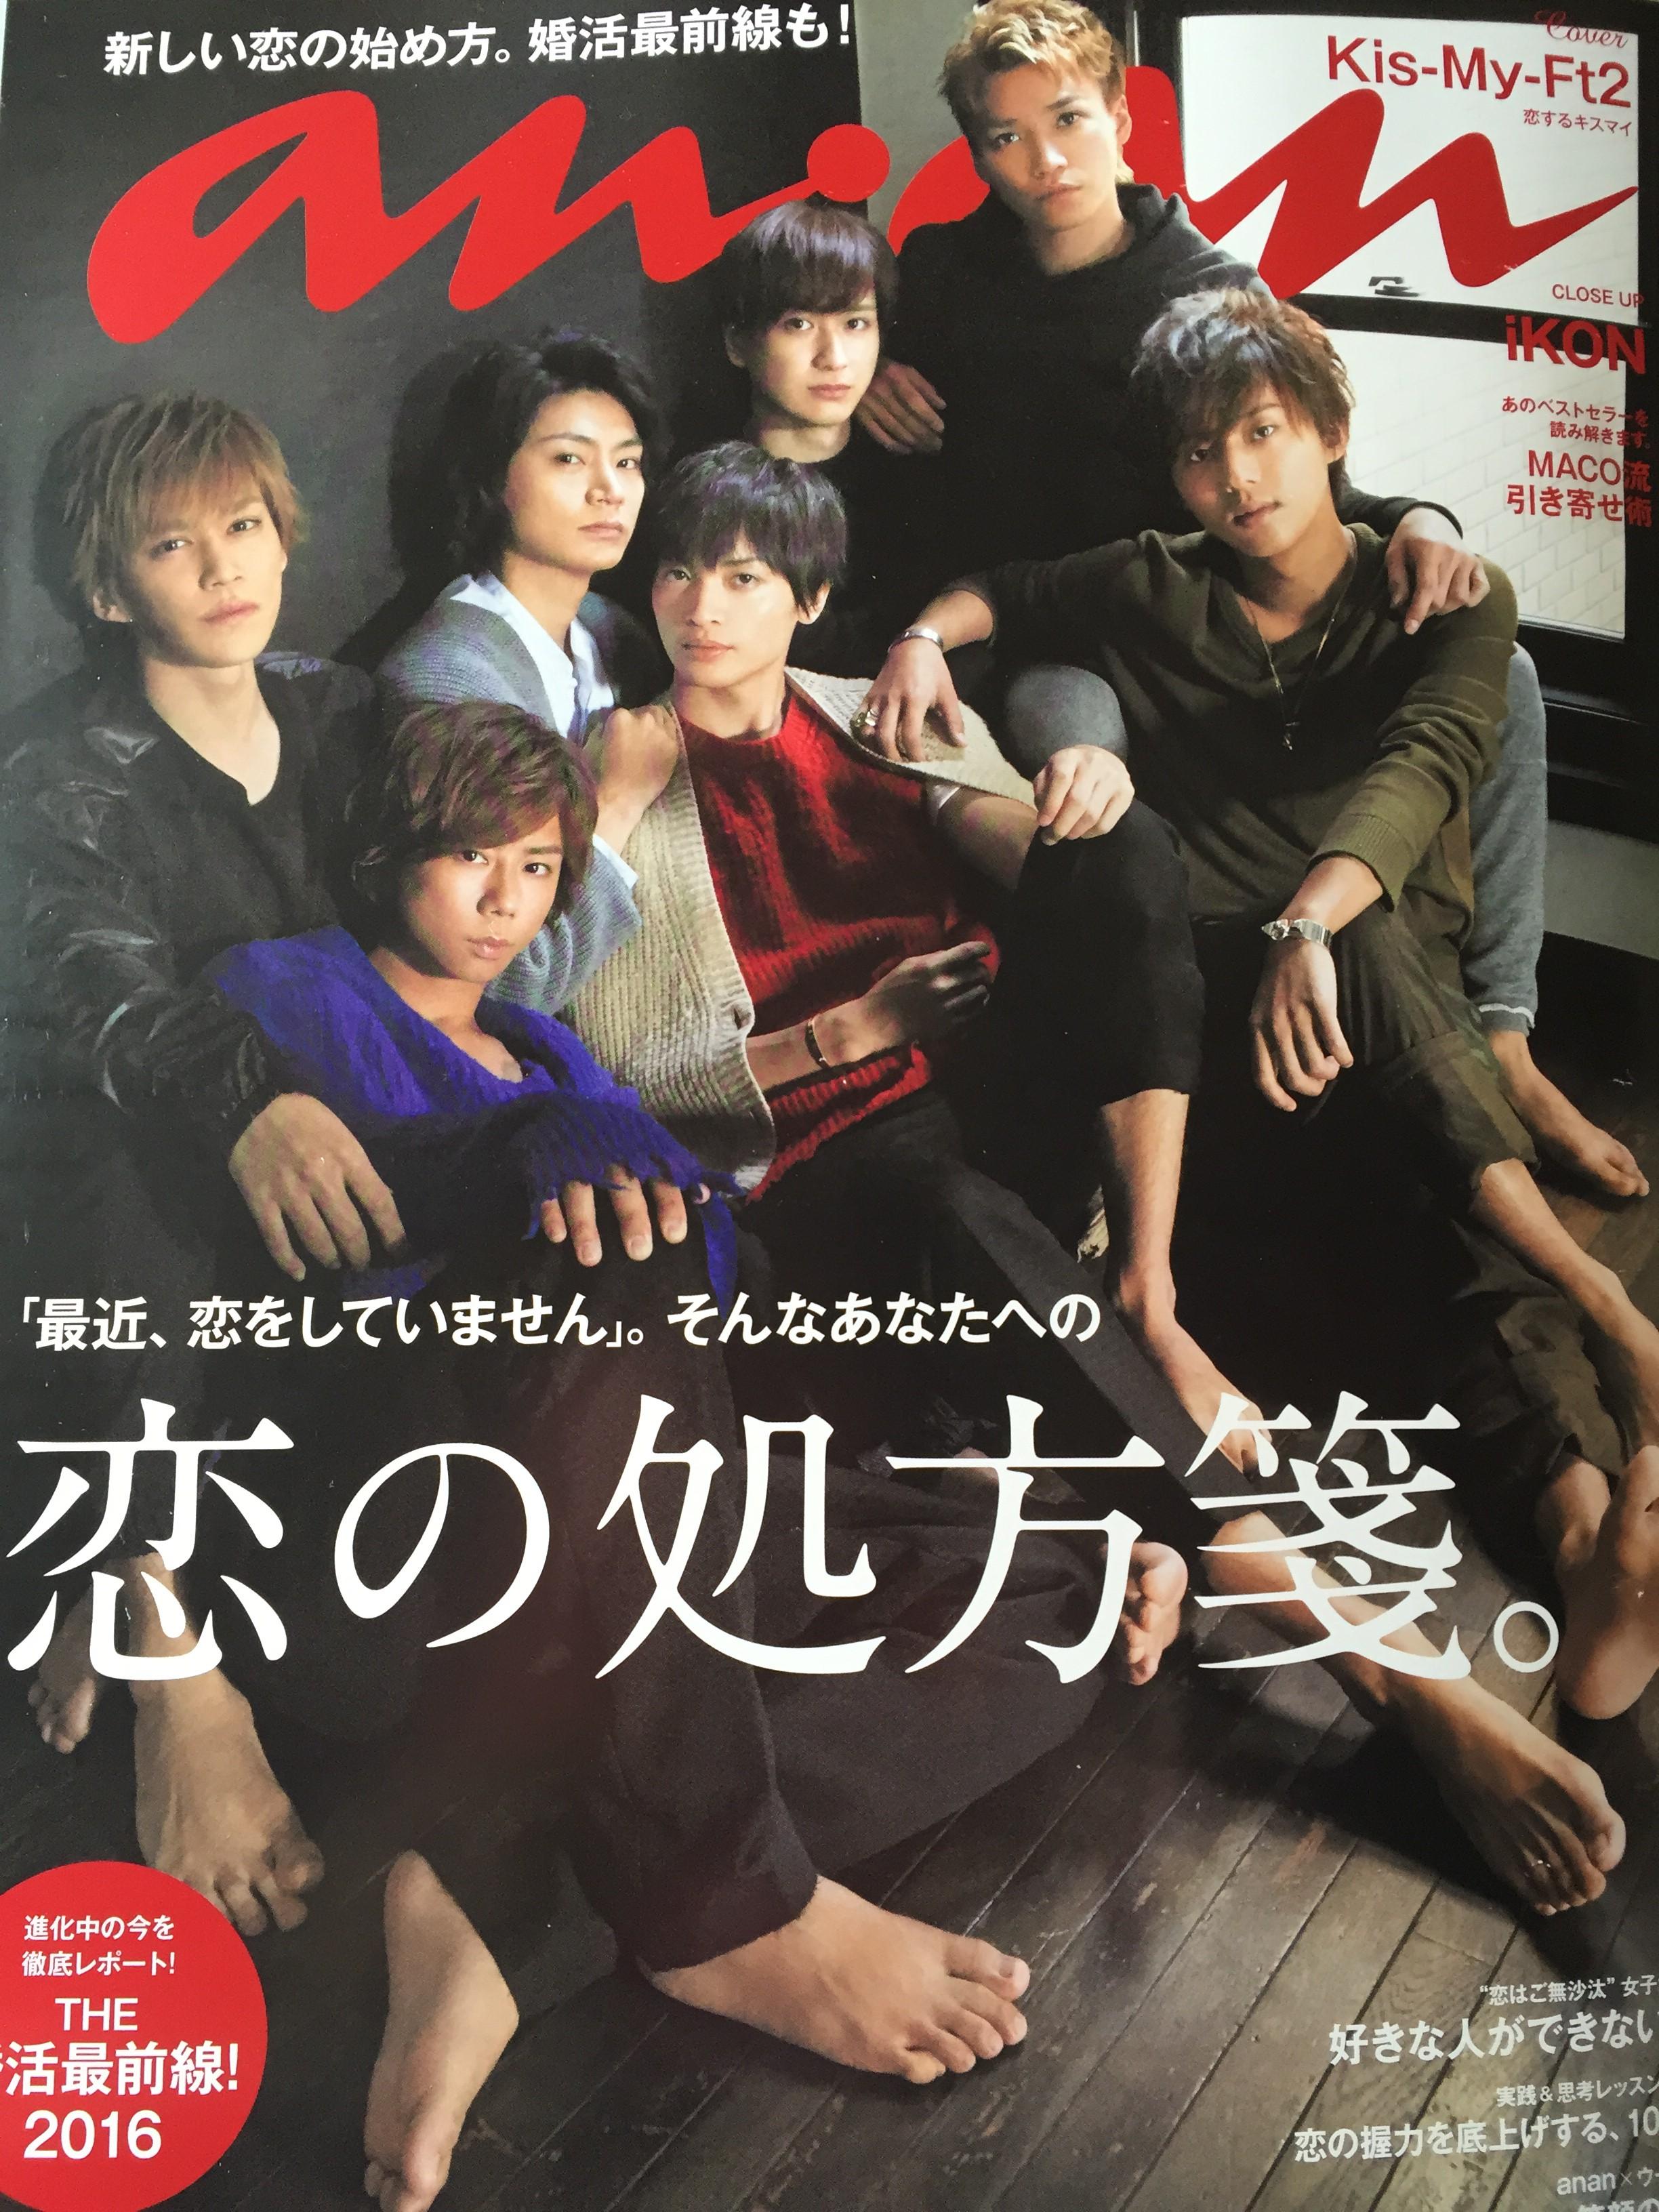 anan2016年11月30日発売号掲載!「婚活最前線大特集」